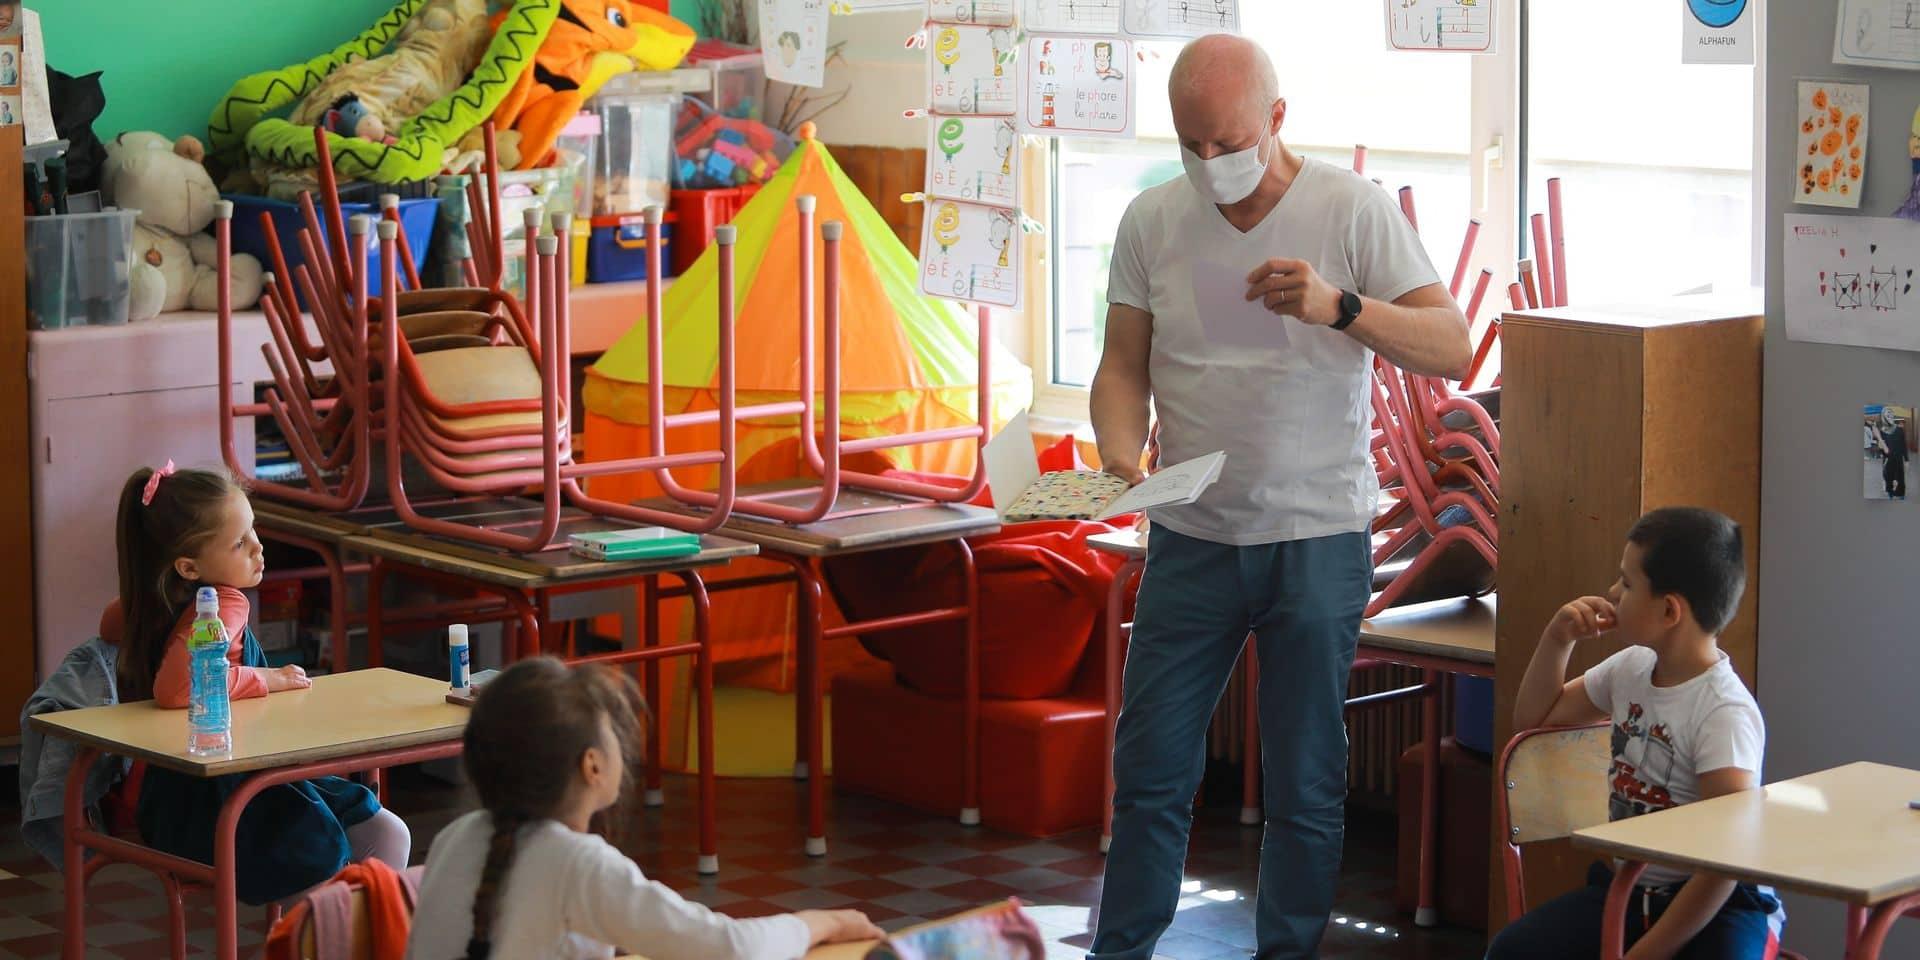 Le virologue Wathelet et Sciensano s'écharpent sur la contagion des enfants avec la réouverture des écoles